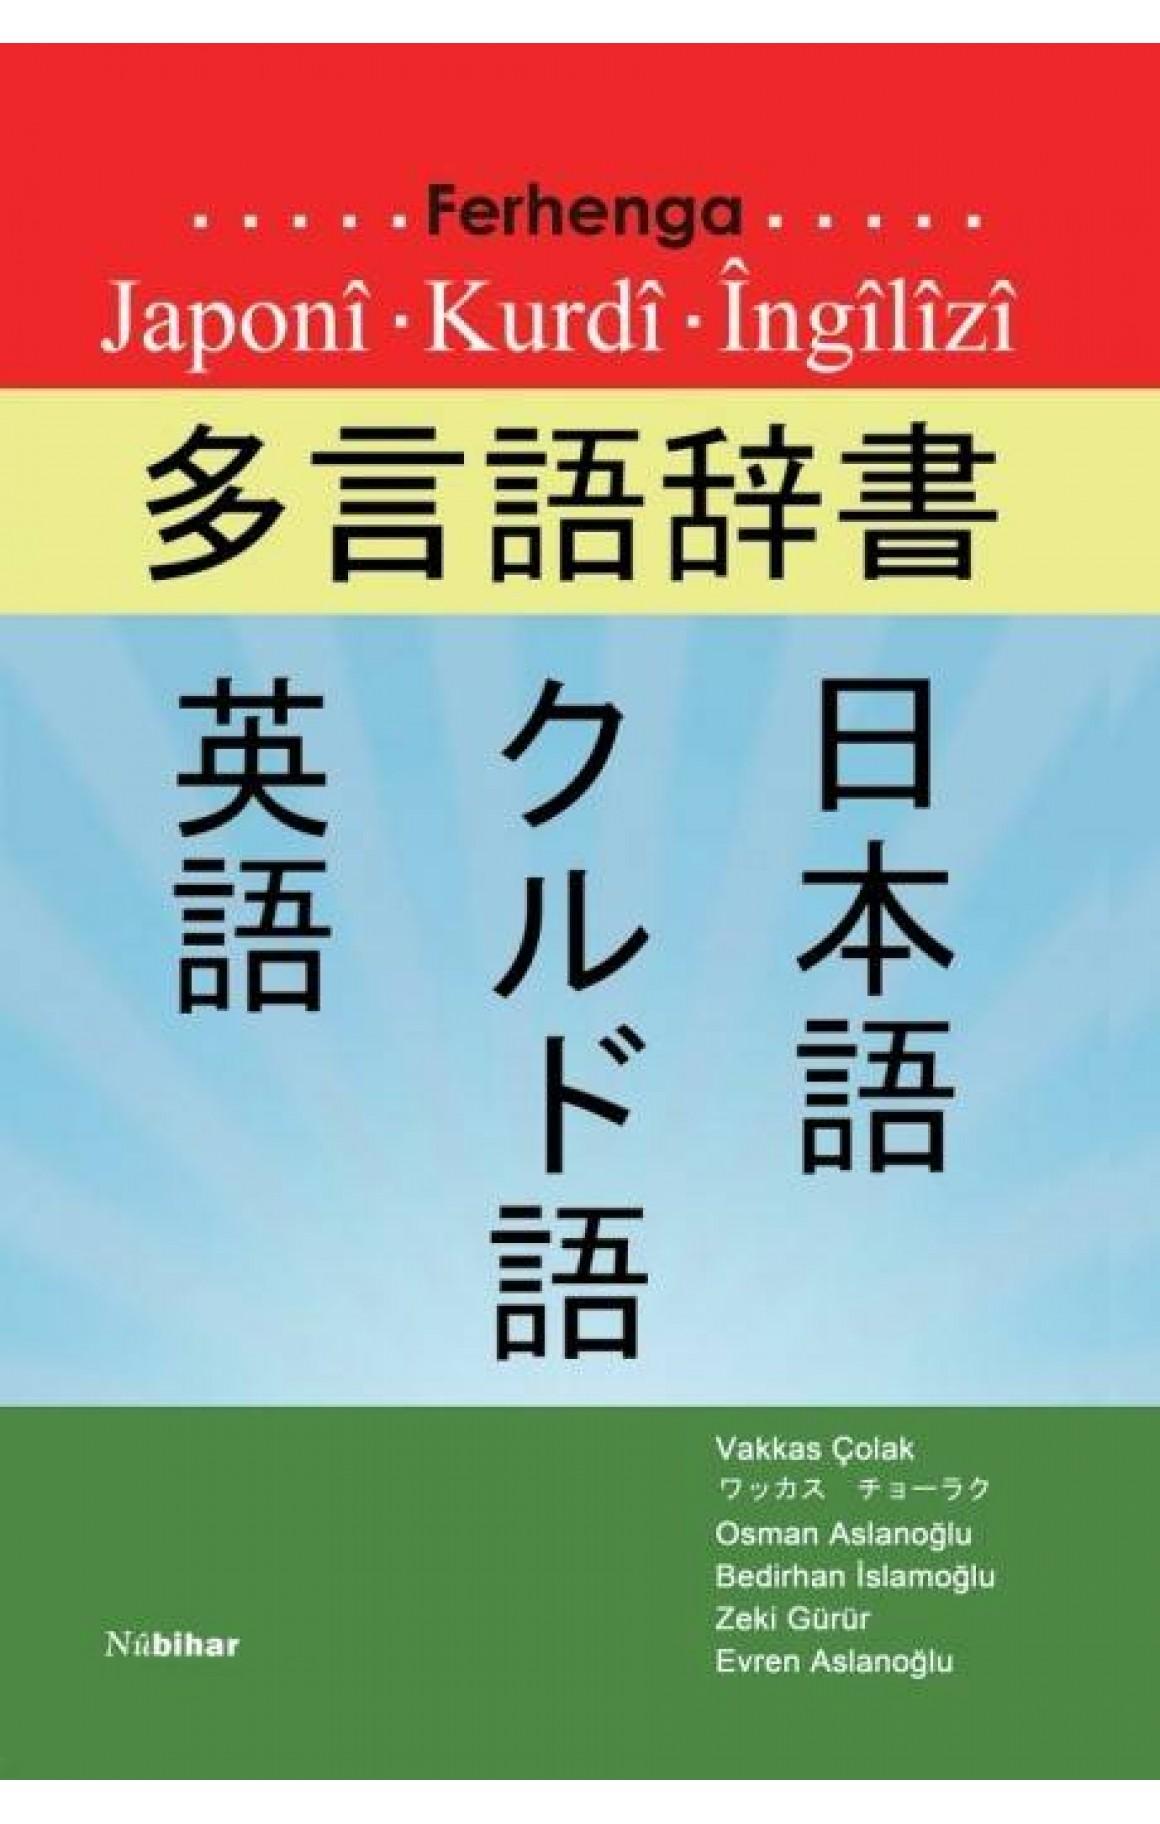 Ferhenga Japonî - Kurdî - Îngîlîzî